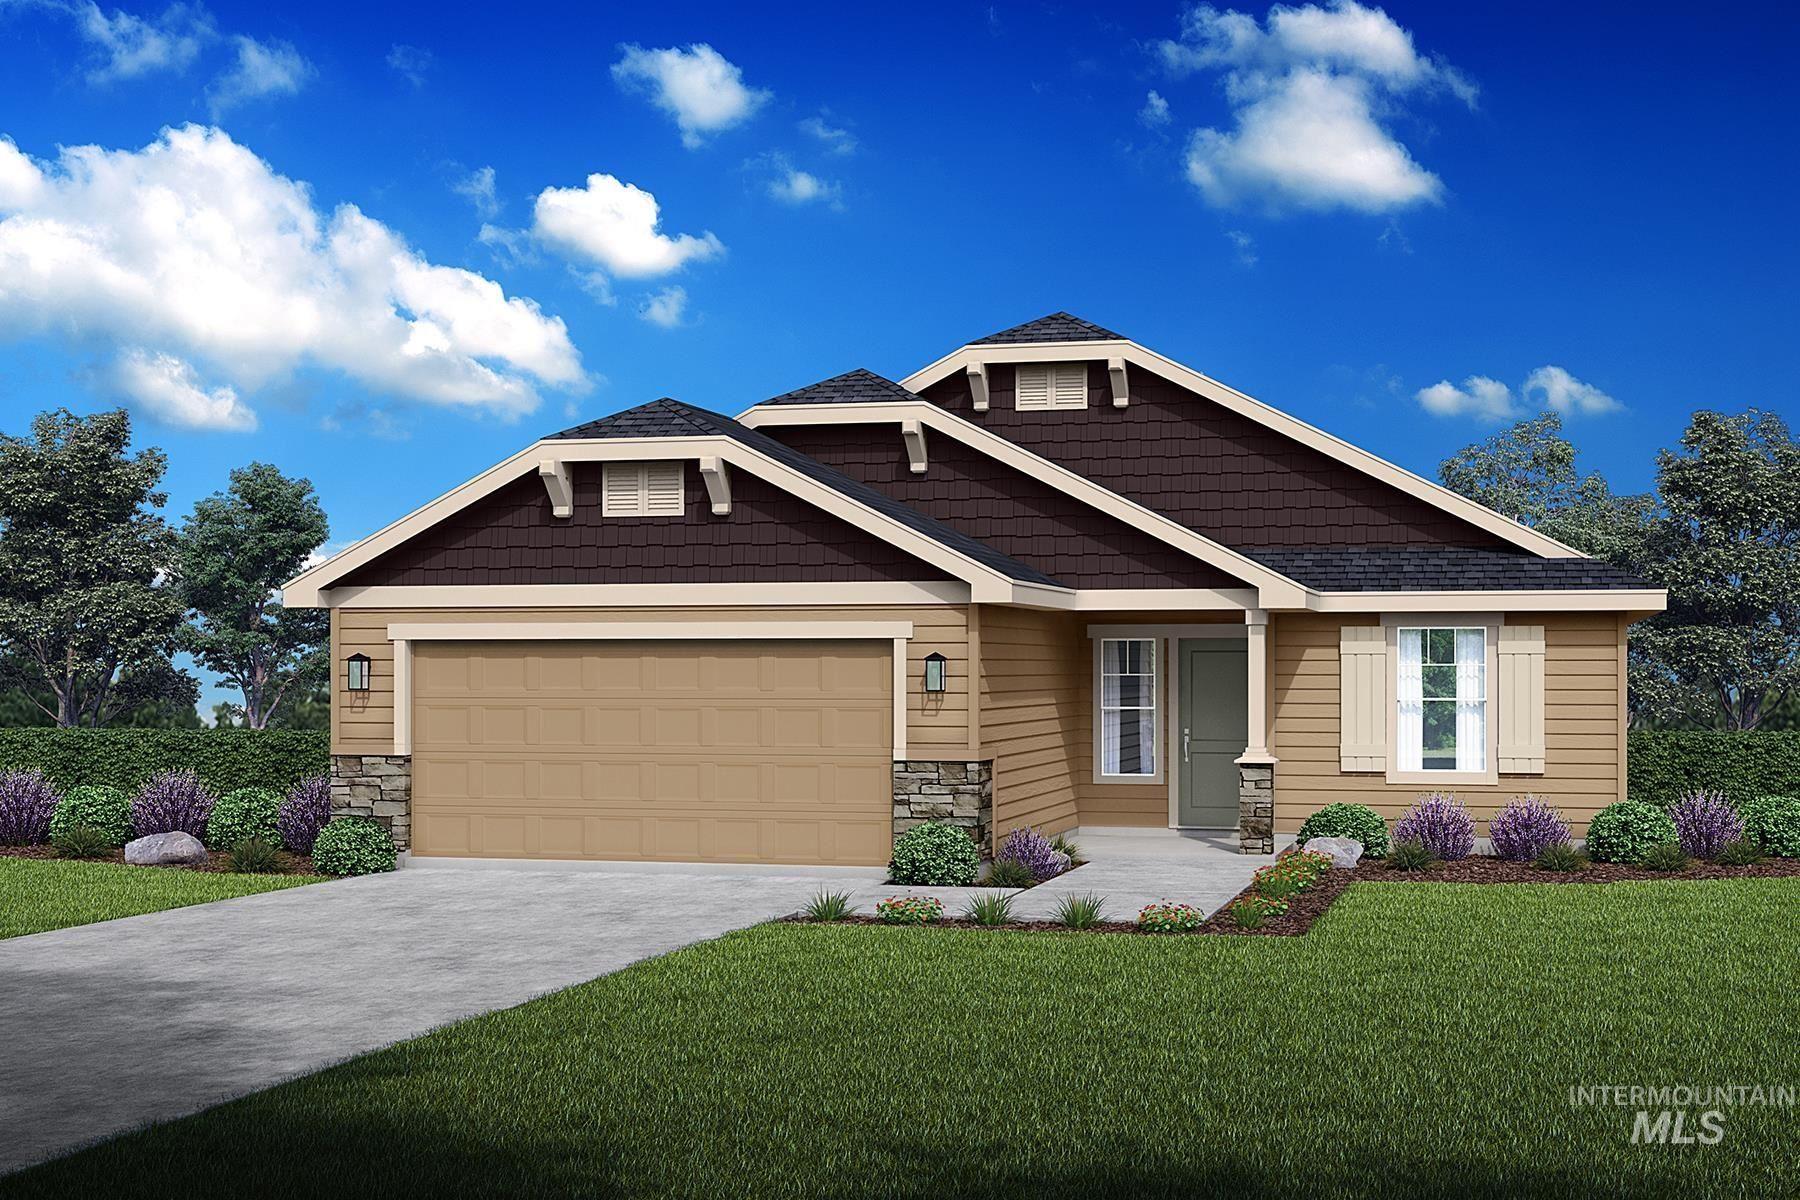 11430 W Broadstone St, Nampa, ID 83651 - MLS#: 98821010